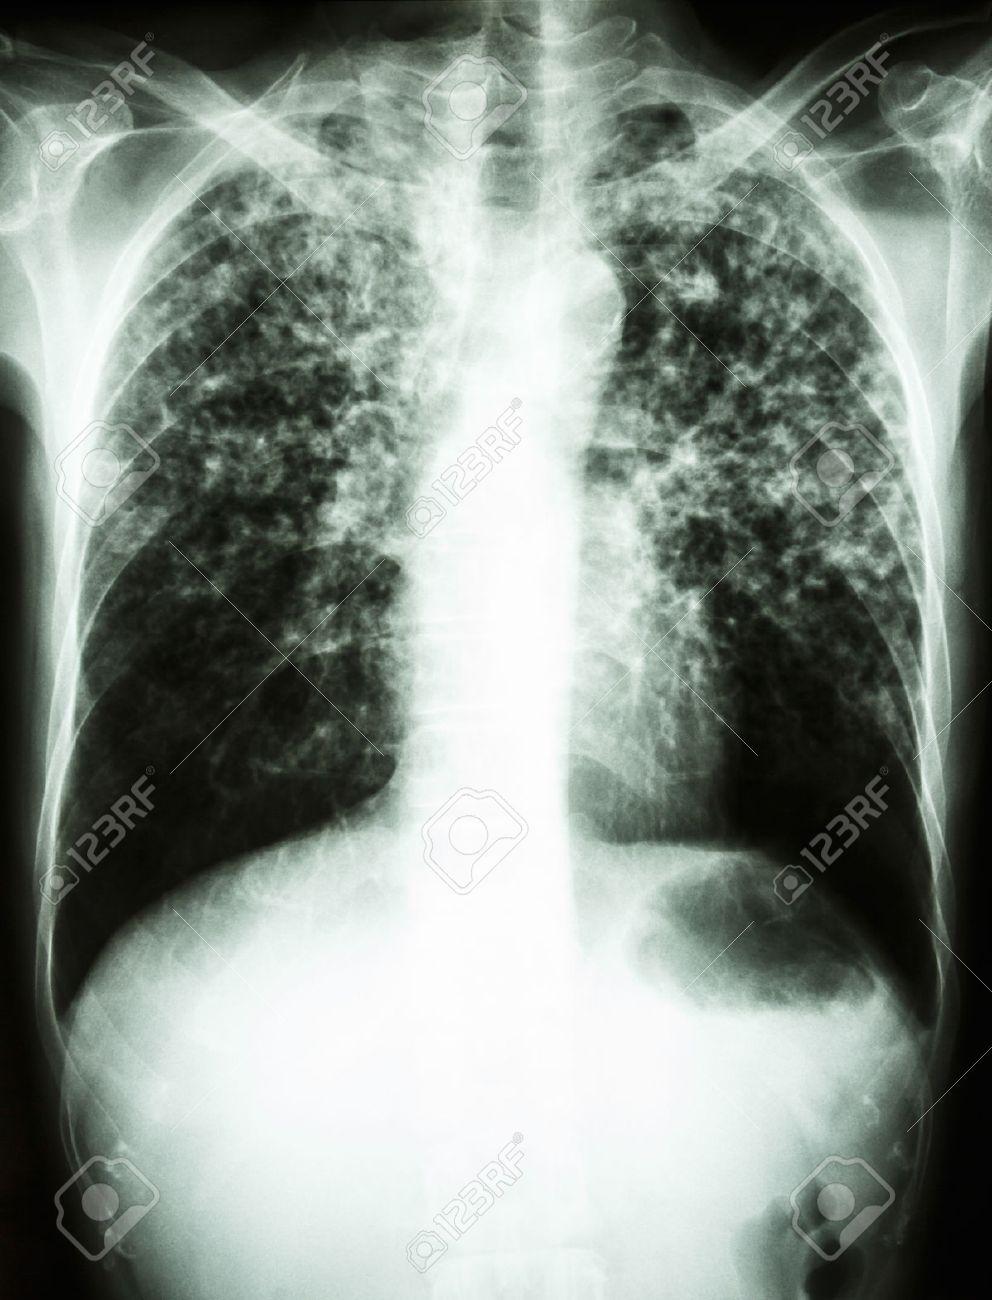 Ziemlich X Ray Fußanatomie Fotos - Anatomie Ideen - finotti.info